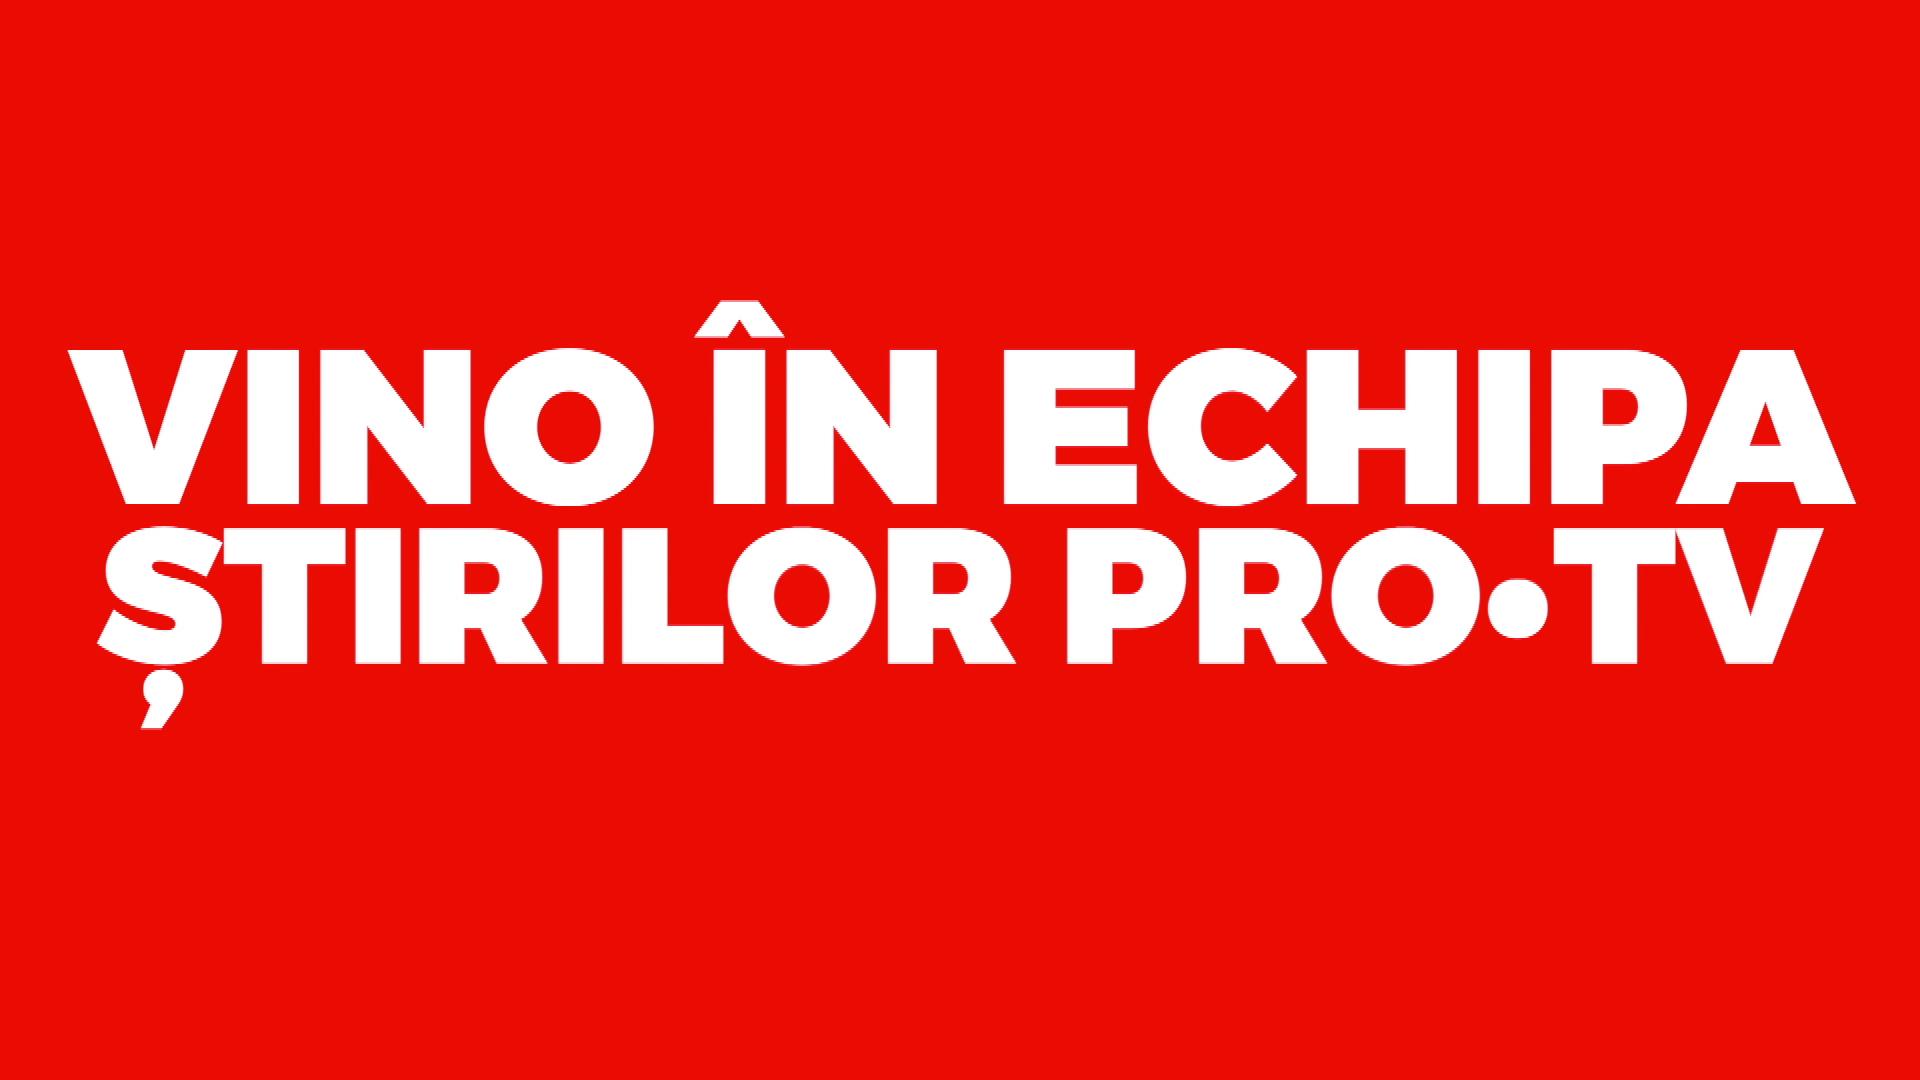 Vrei să fii reporter al Ştirilor ProTV? Află aici ce trebuie să faci